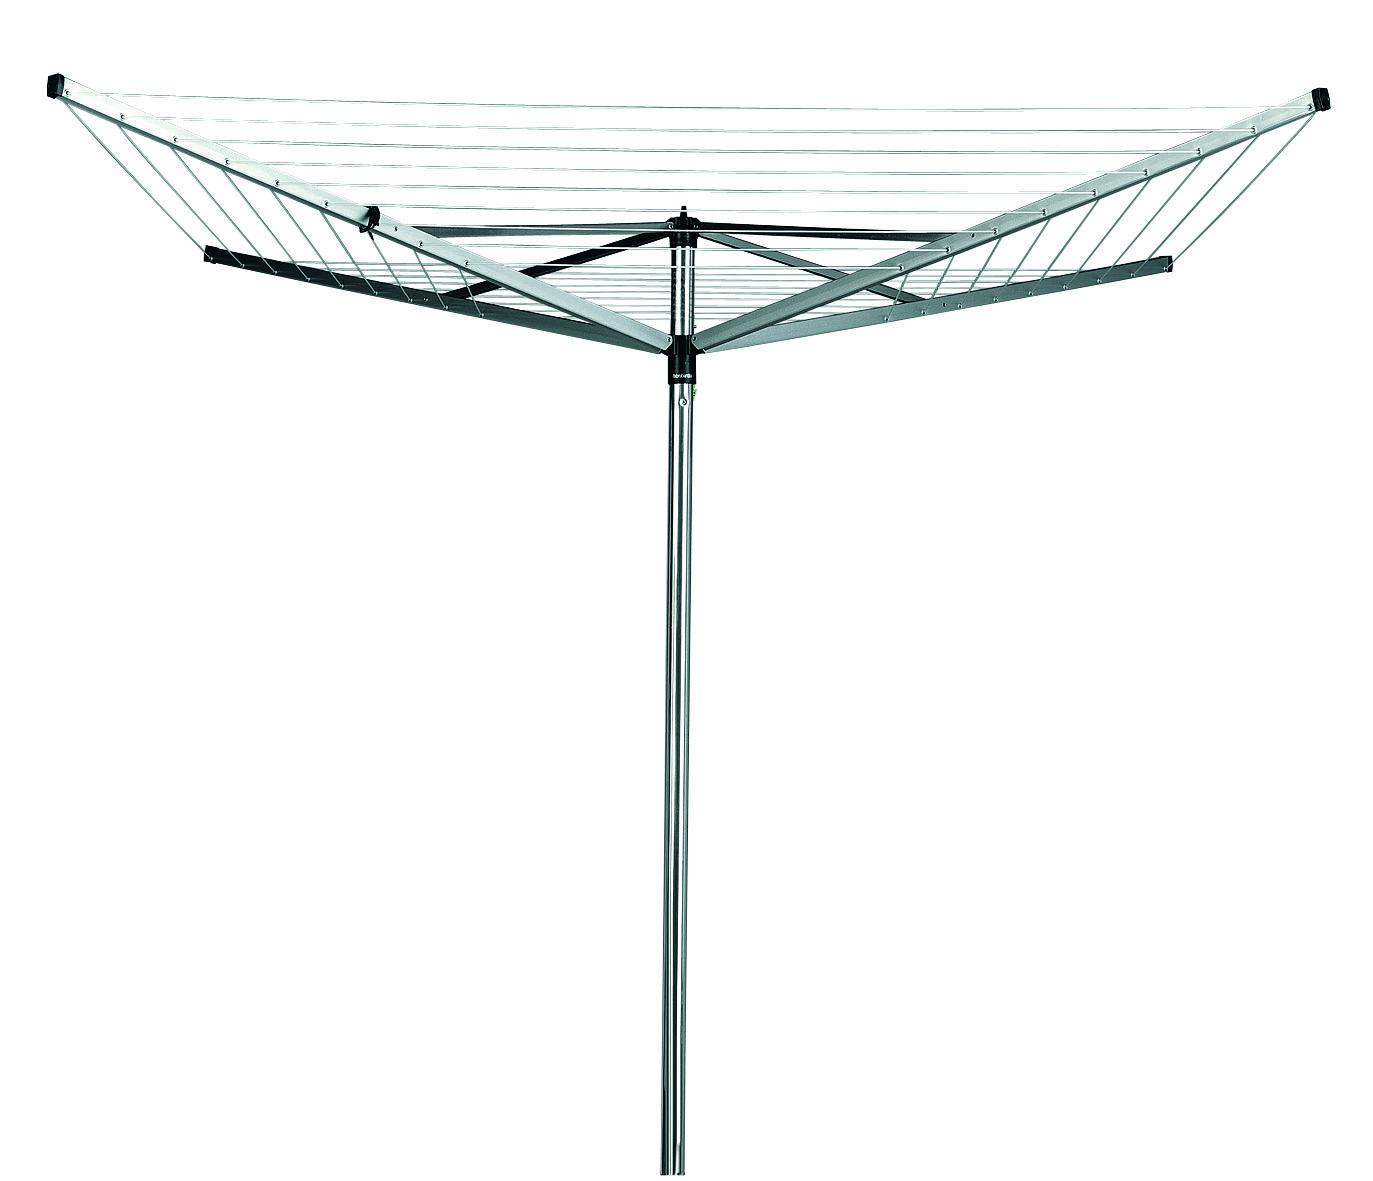 BRABANTIA rotējošs veļas ž vētājs Topspinner, 40m, 4 atzar., Metallic Grey 310744 Veļas žāvētājs